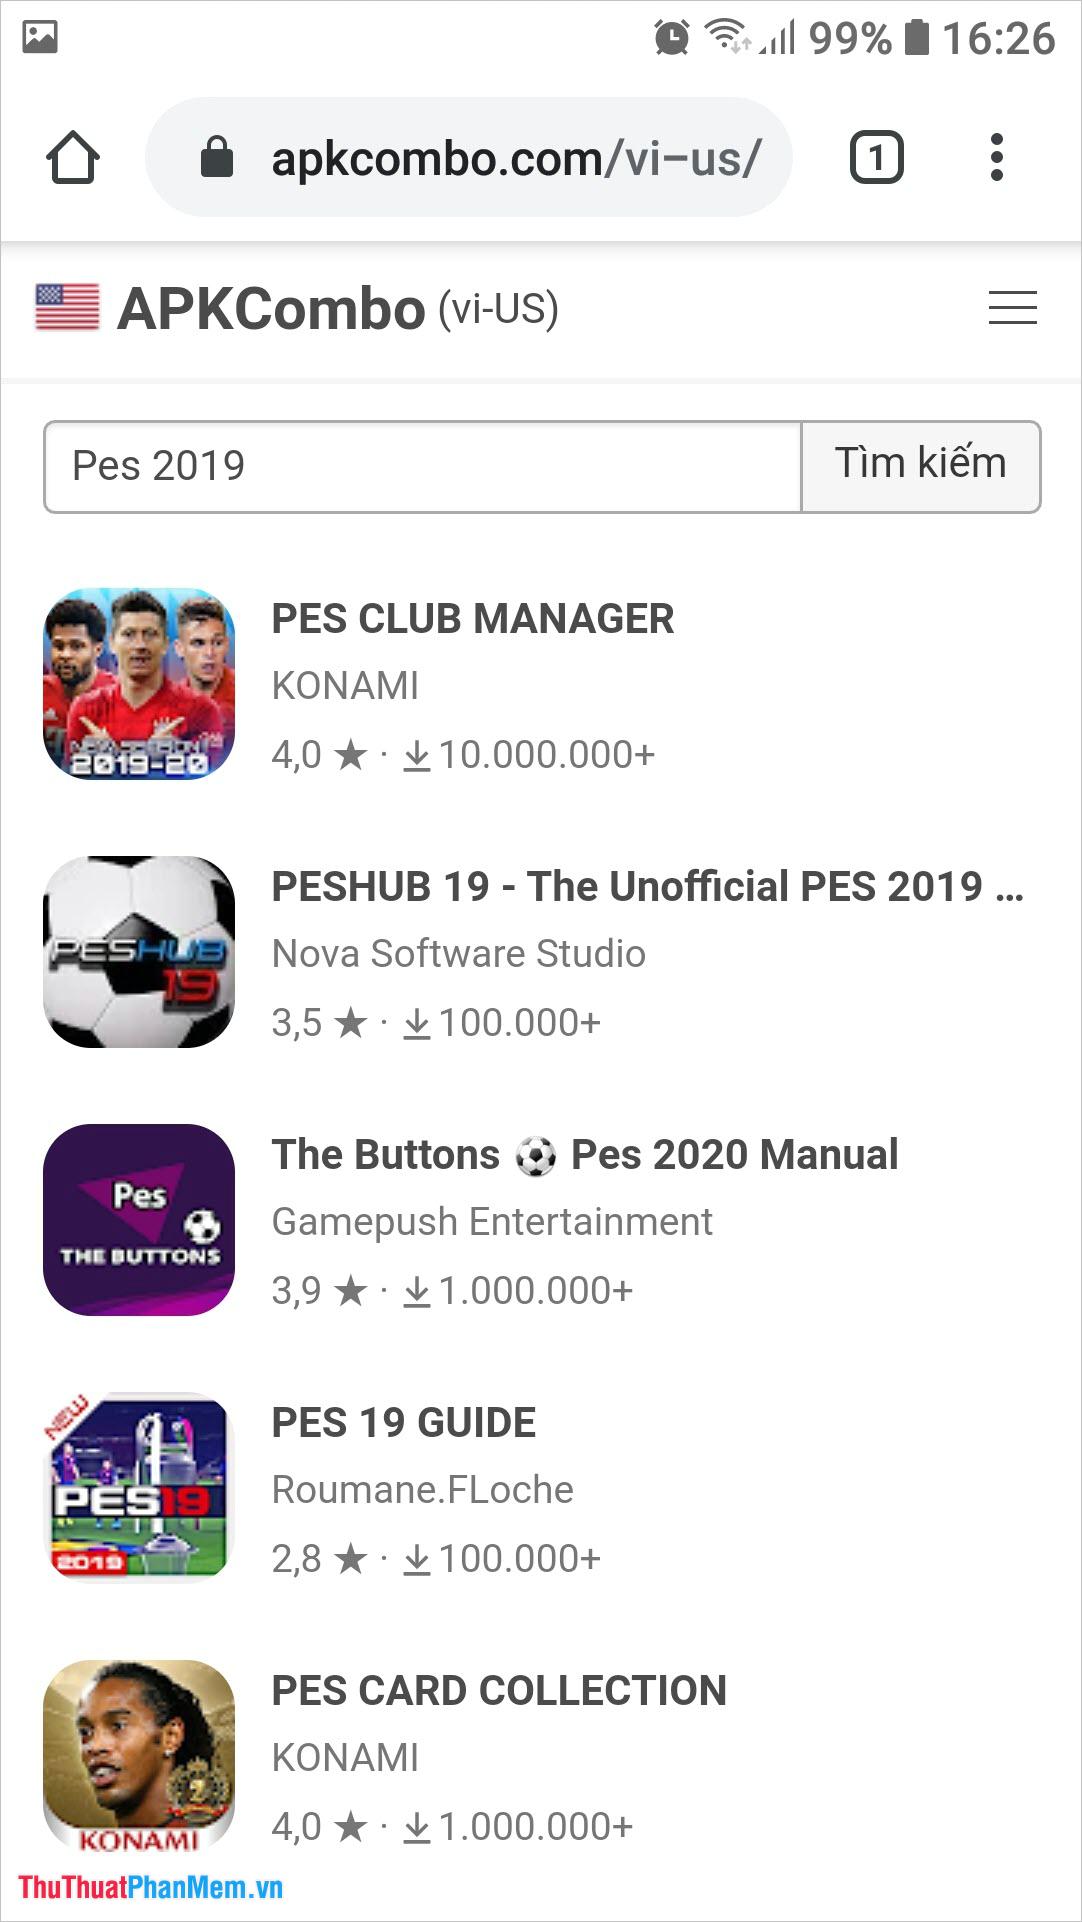 Bạn có thể lựa chọn ứng dụng hoặc game mà bạn đang muốn tìm bằng cách bấm vào nó